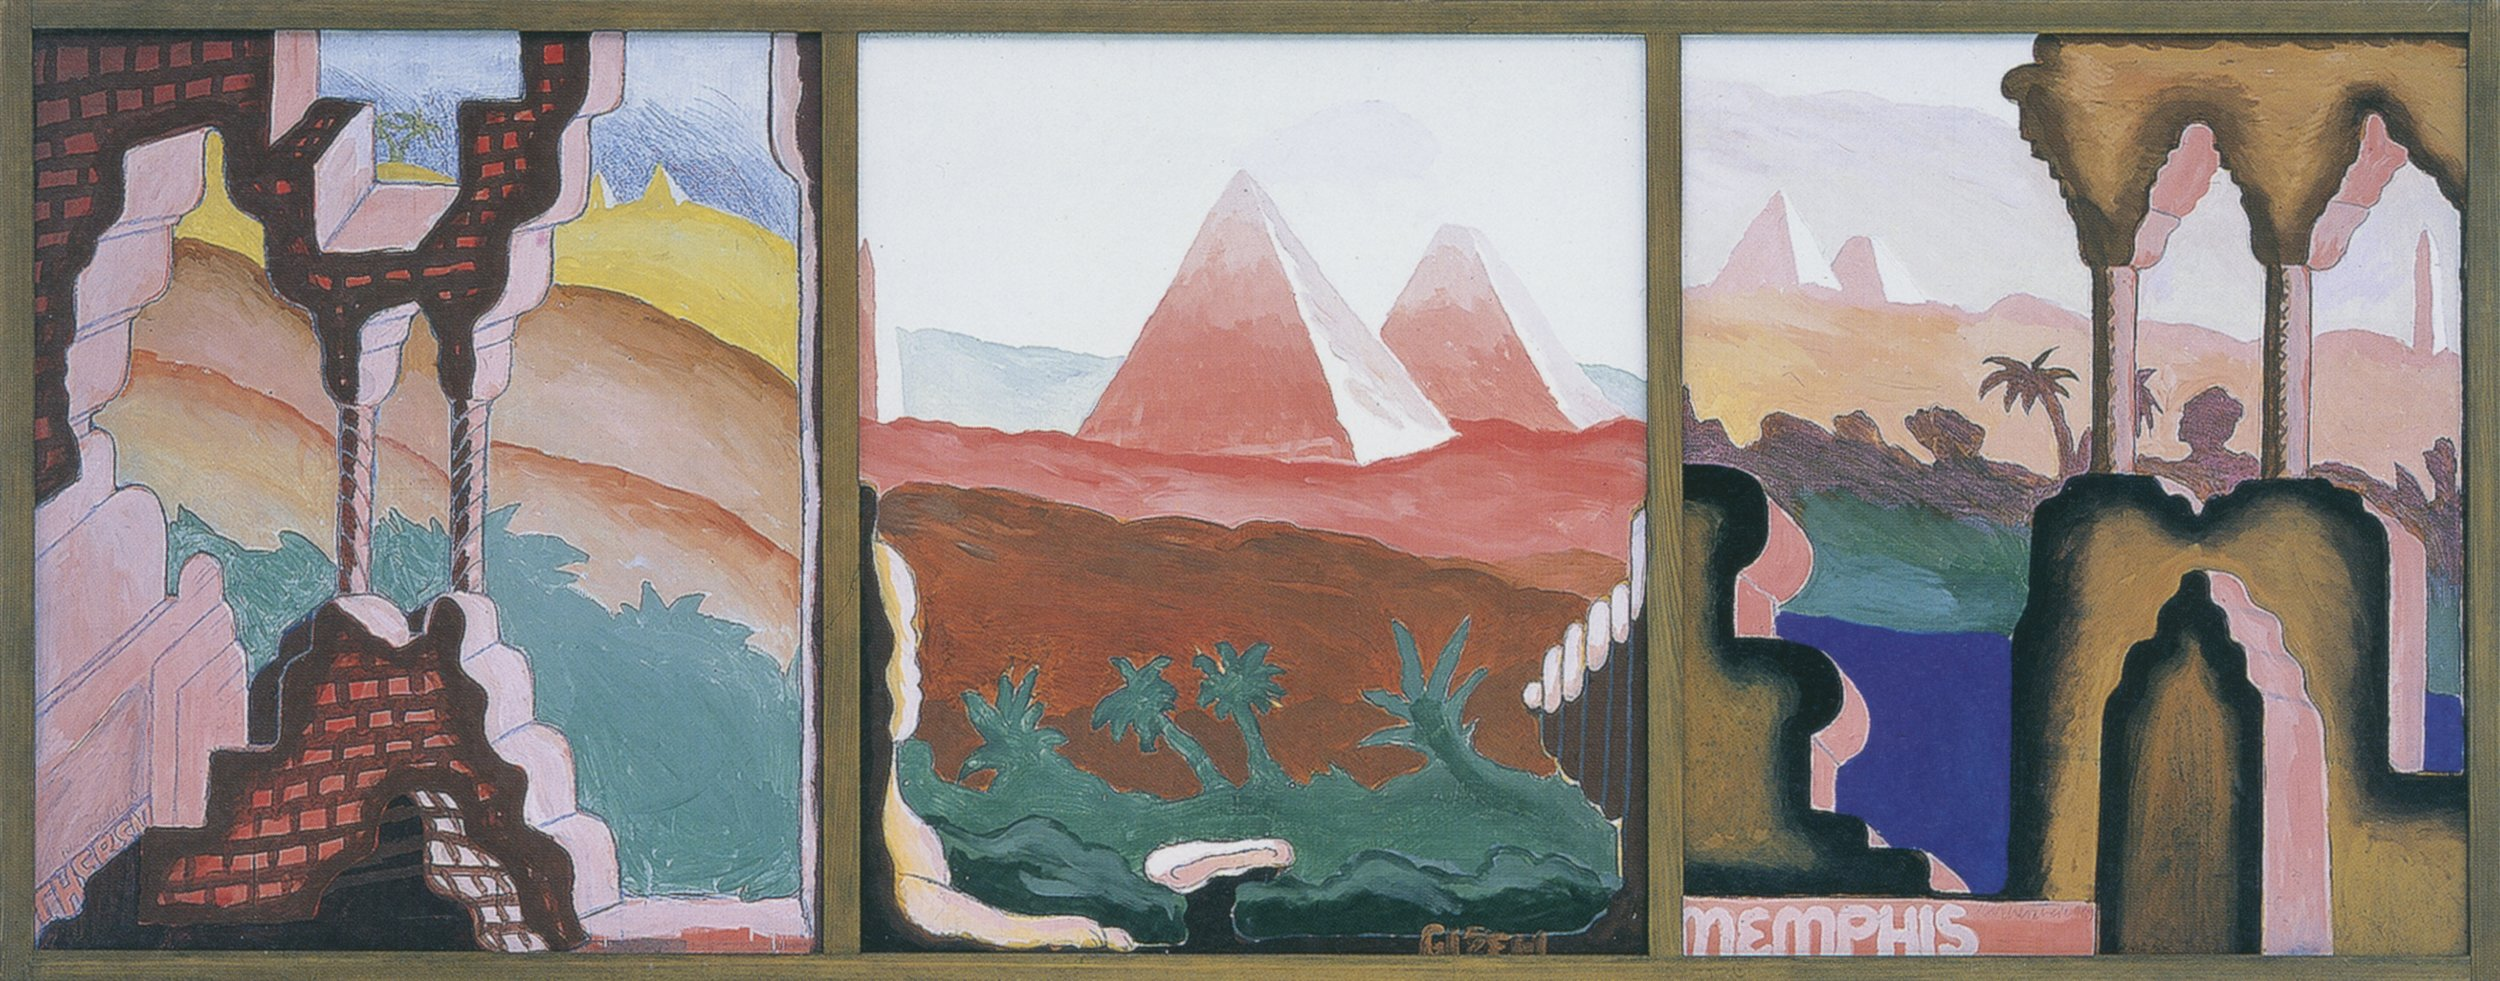 Ägyptisches Triptychon (Theben – Gizeh – Memphis) , 1969, Dispersion and crayon on canvas in three-parts, 53.14h x 45.27w in (135h x 115w cm each), Morat-Institute, Freiburg in Breisgau